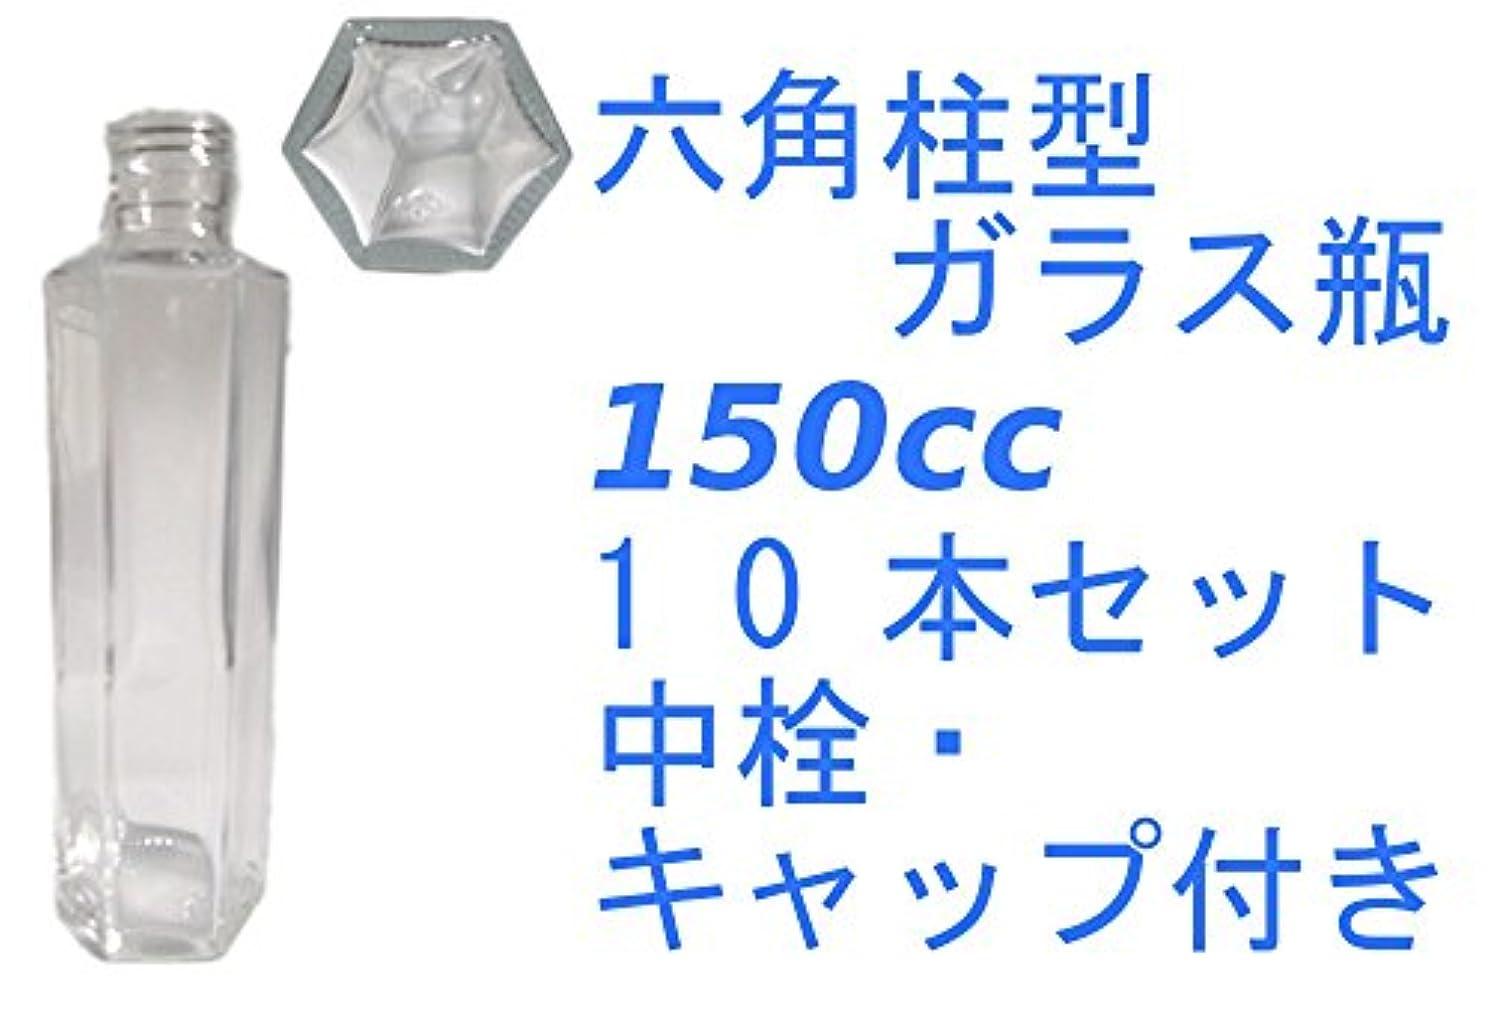 タンカー月コミットメント(ジャストユーズ) JustU's 日本製 ポリ栓 中栓付き六角柱型ガラス瓶 10本セット 150cc 150ml アロマディフューザー ハーバリウム 調味料 オイル タレ ドレッシング瓶 B10-SSF150A-A